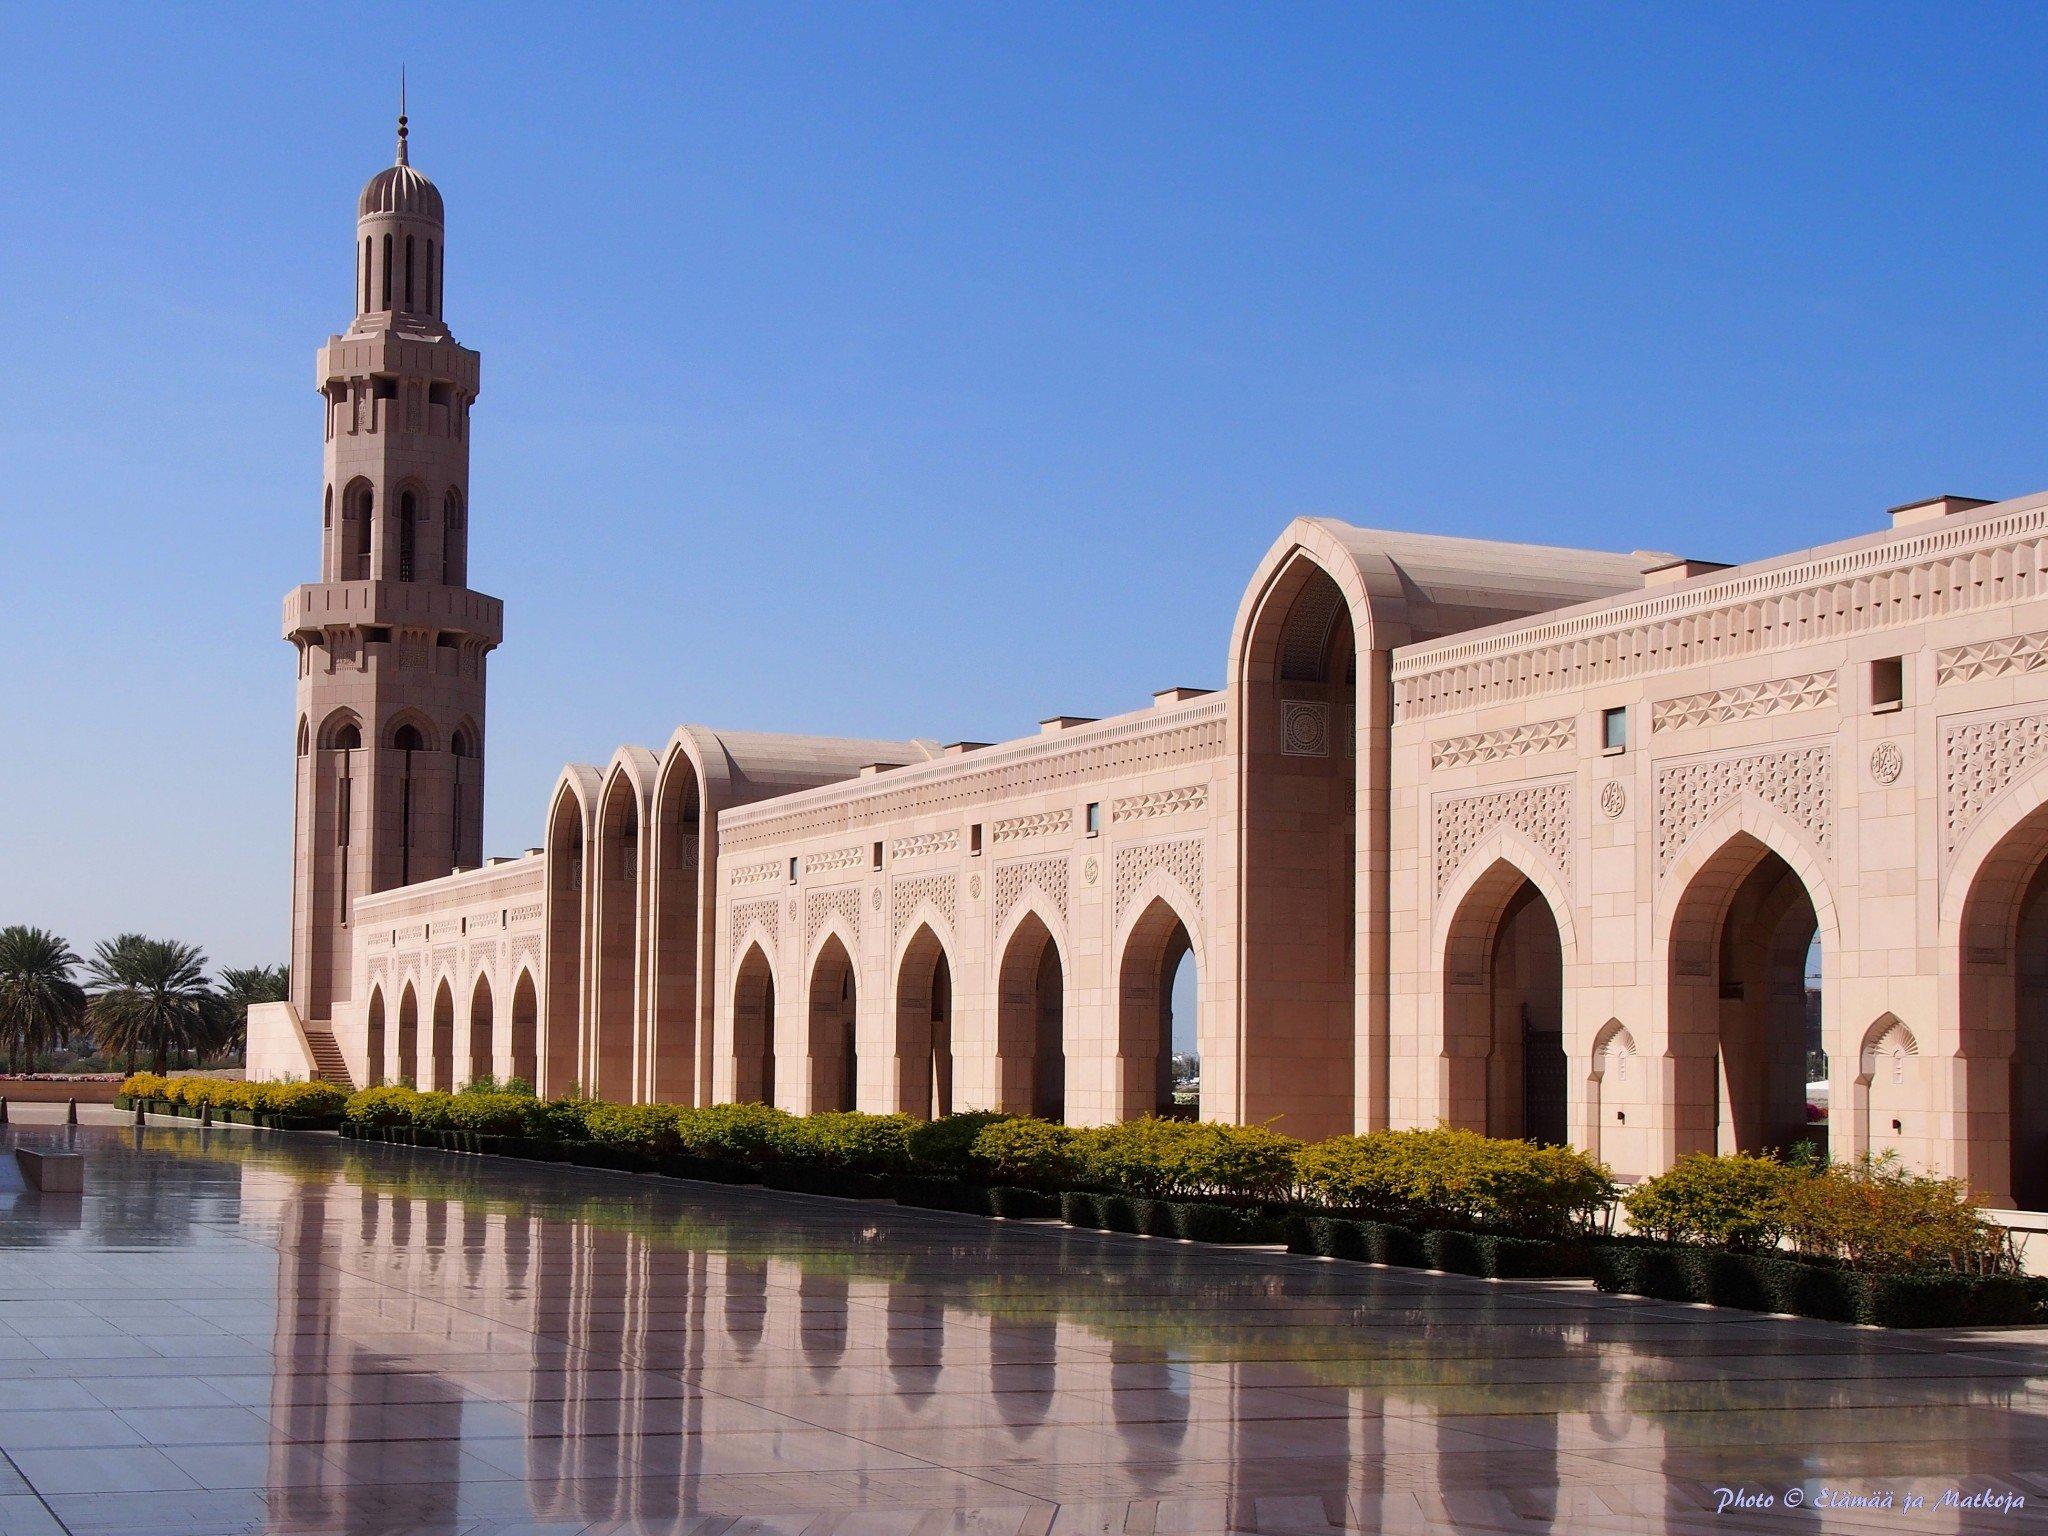 Sultan Qaboos suurmoskeija Oman Photo © Elämää ja Matkoja